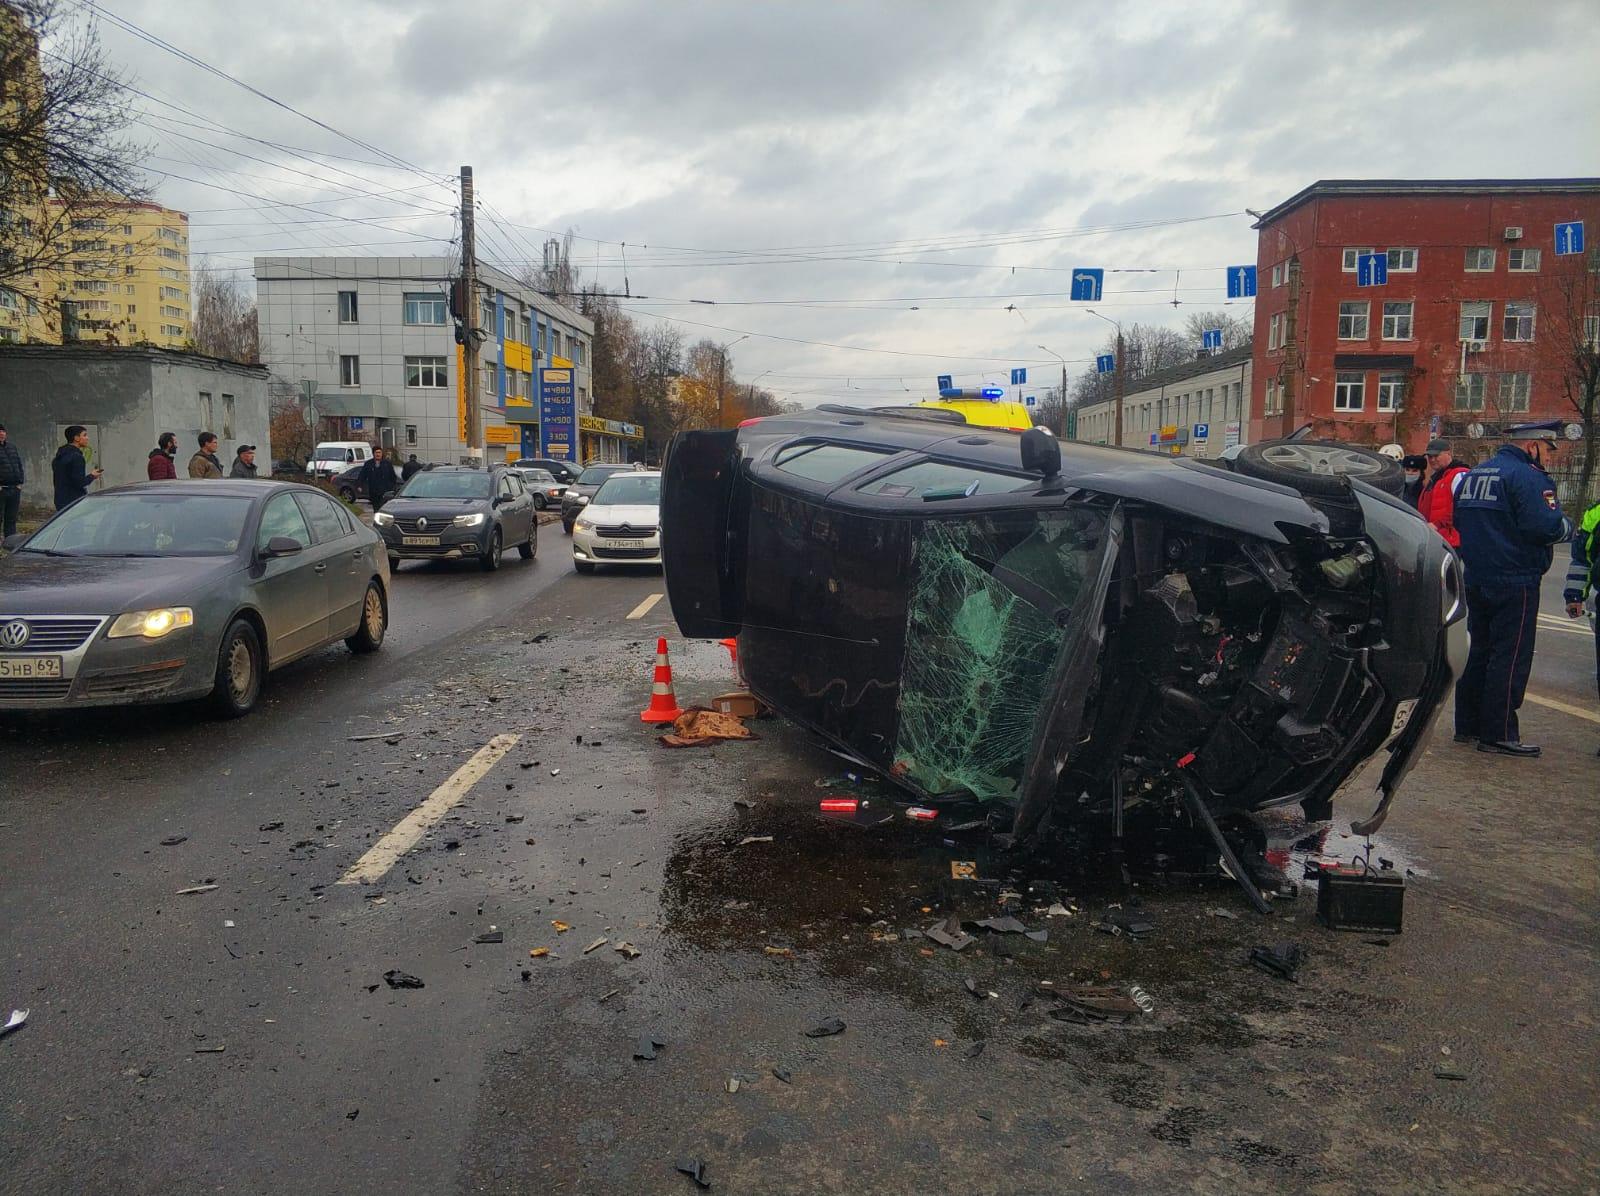 Шесть человек, в том числе двое детей, пострадали в ДТП на проспекте Калинина в Твери, которое устроил «гонщик» на Renault - новости Афанасий